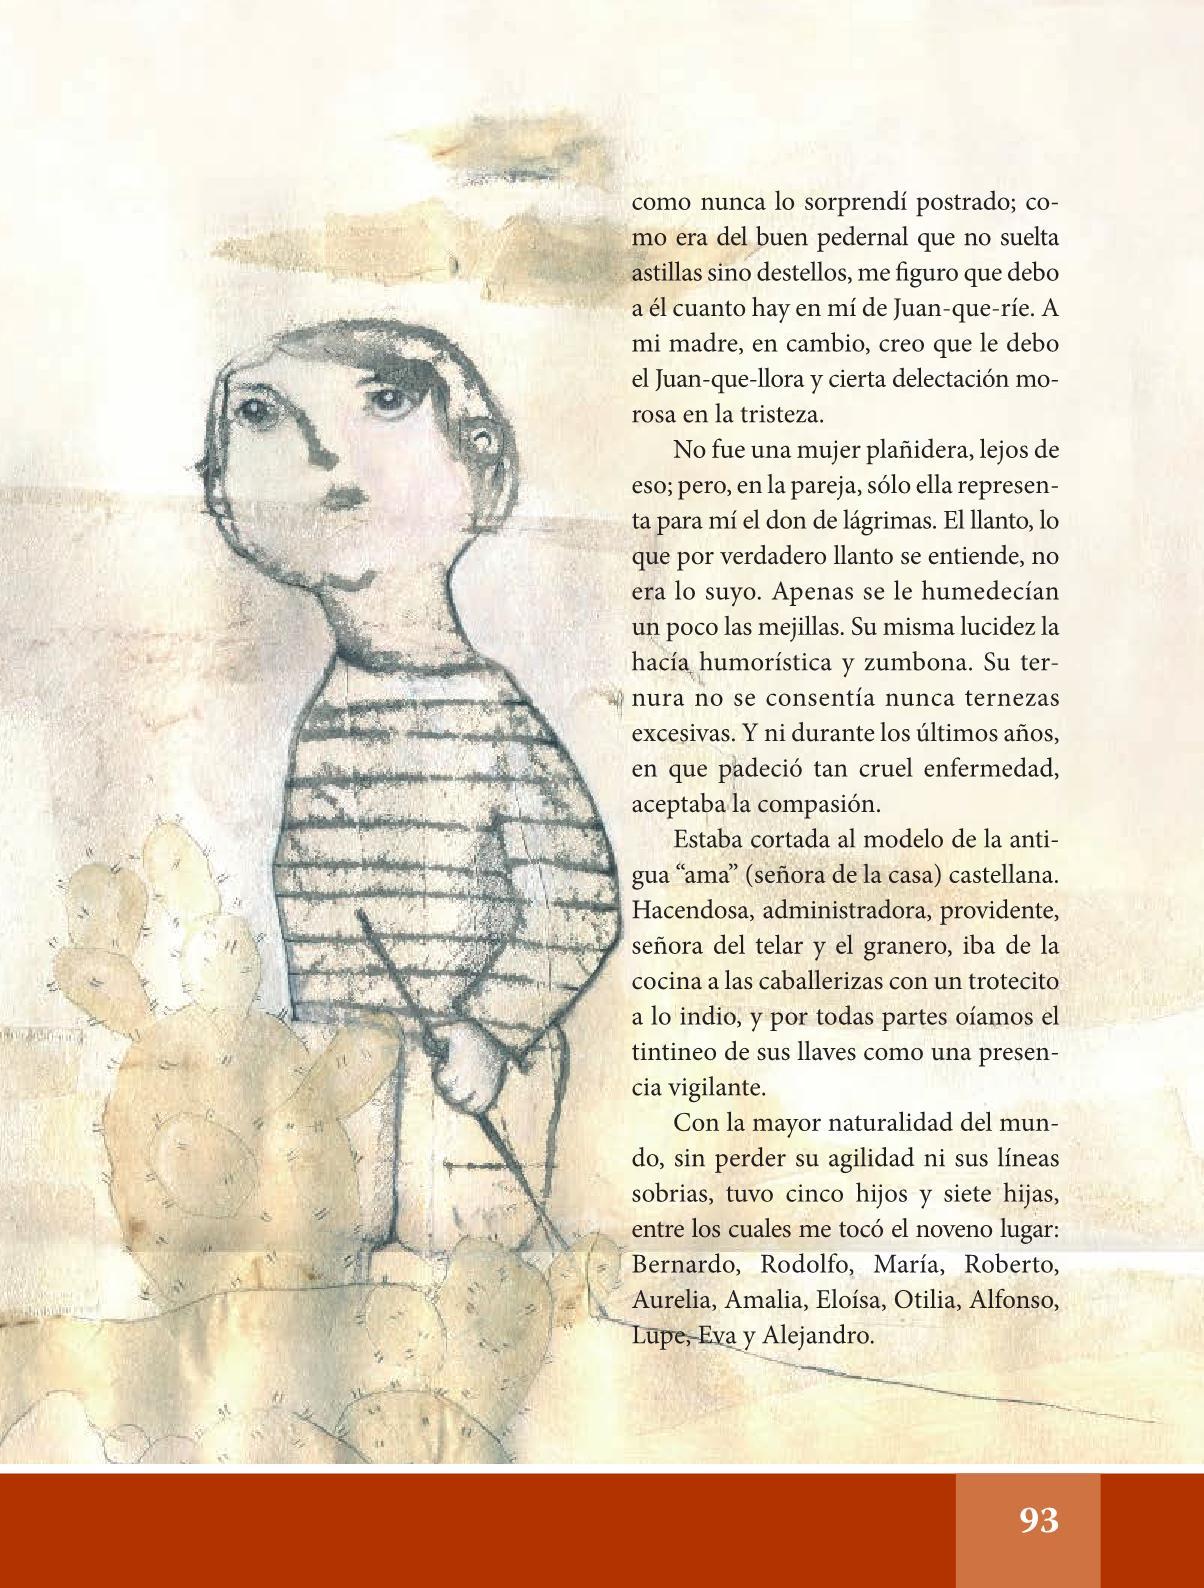 Libros de sexto grado lecciones del sexto grado de for Espanol lecturas cuarto grado 1993